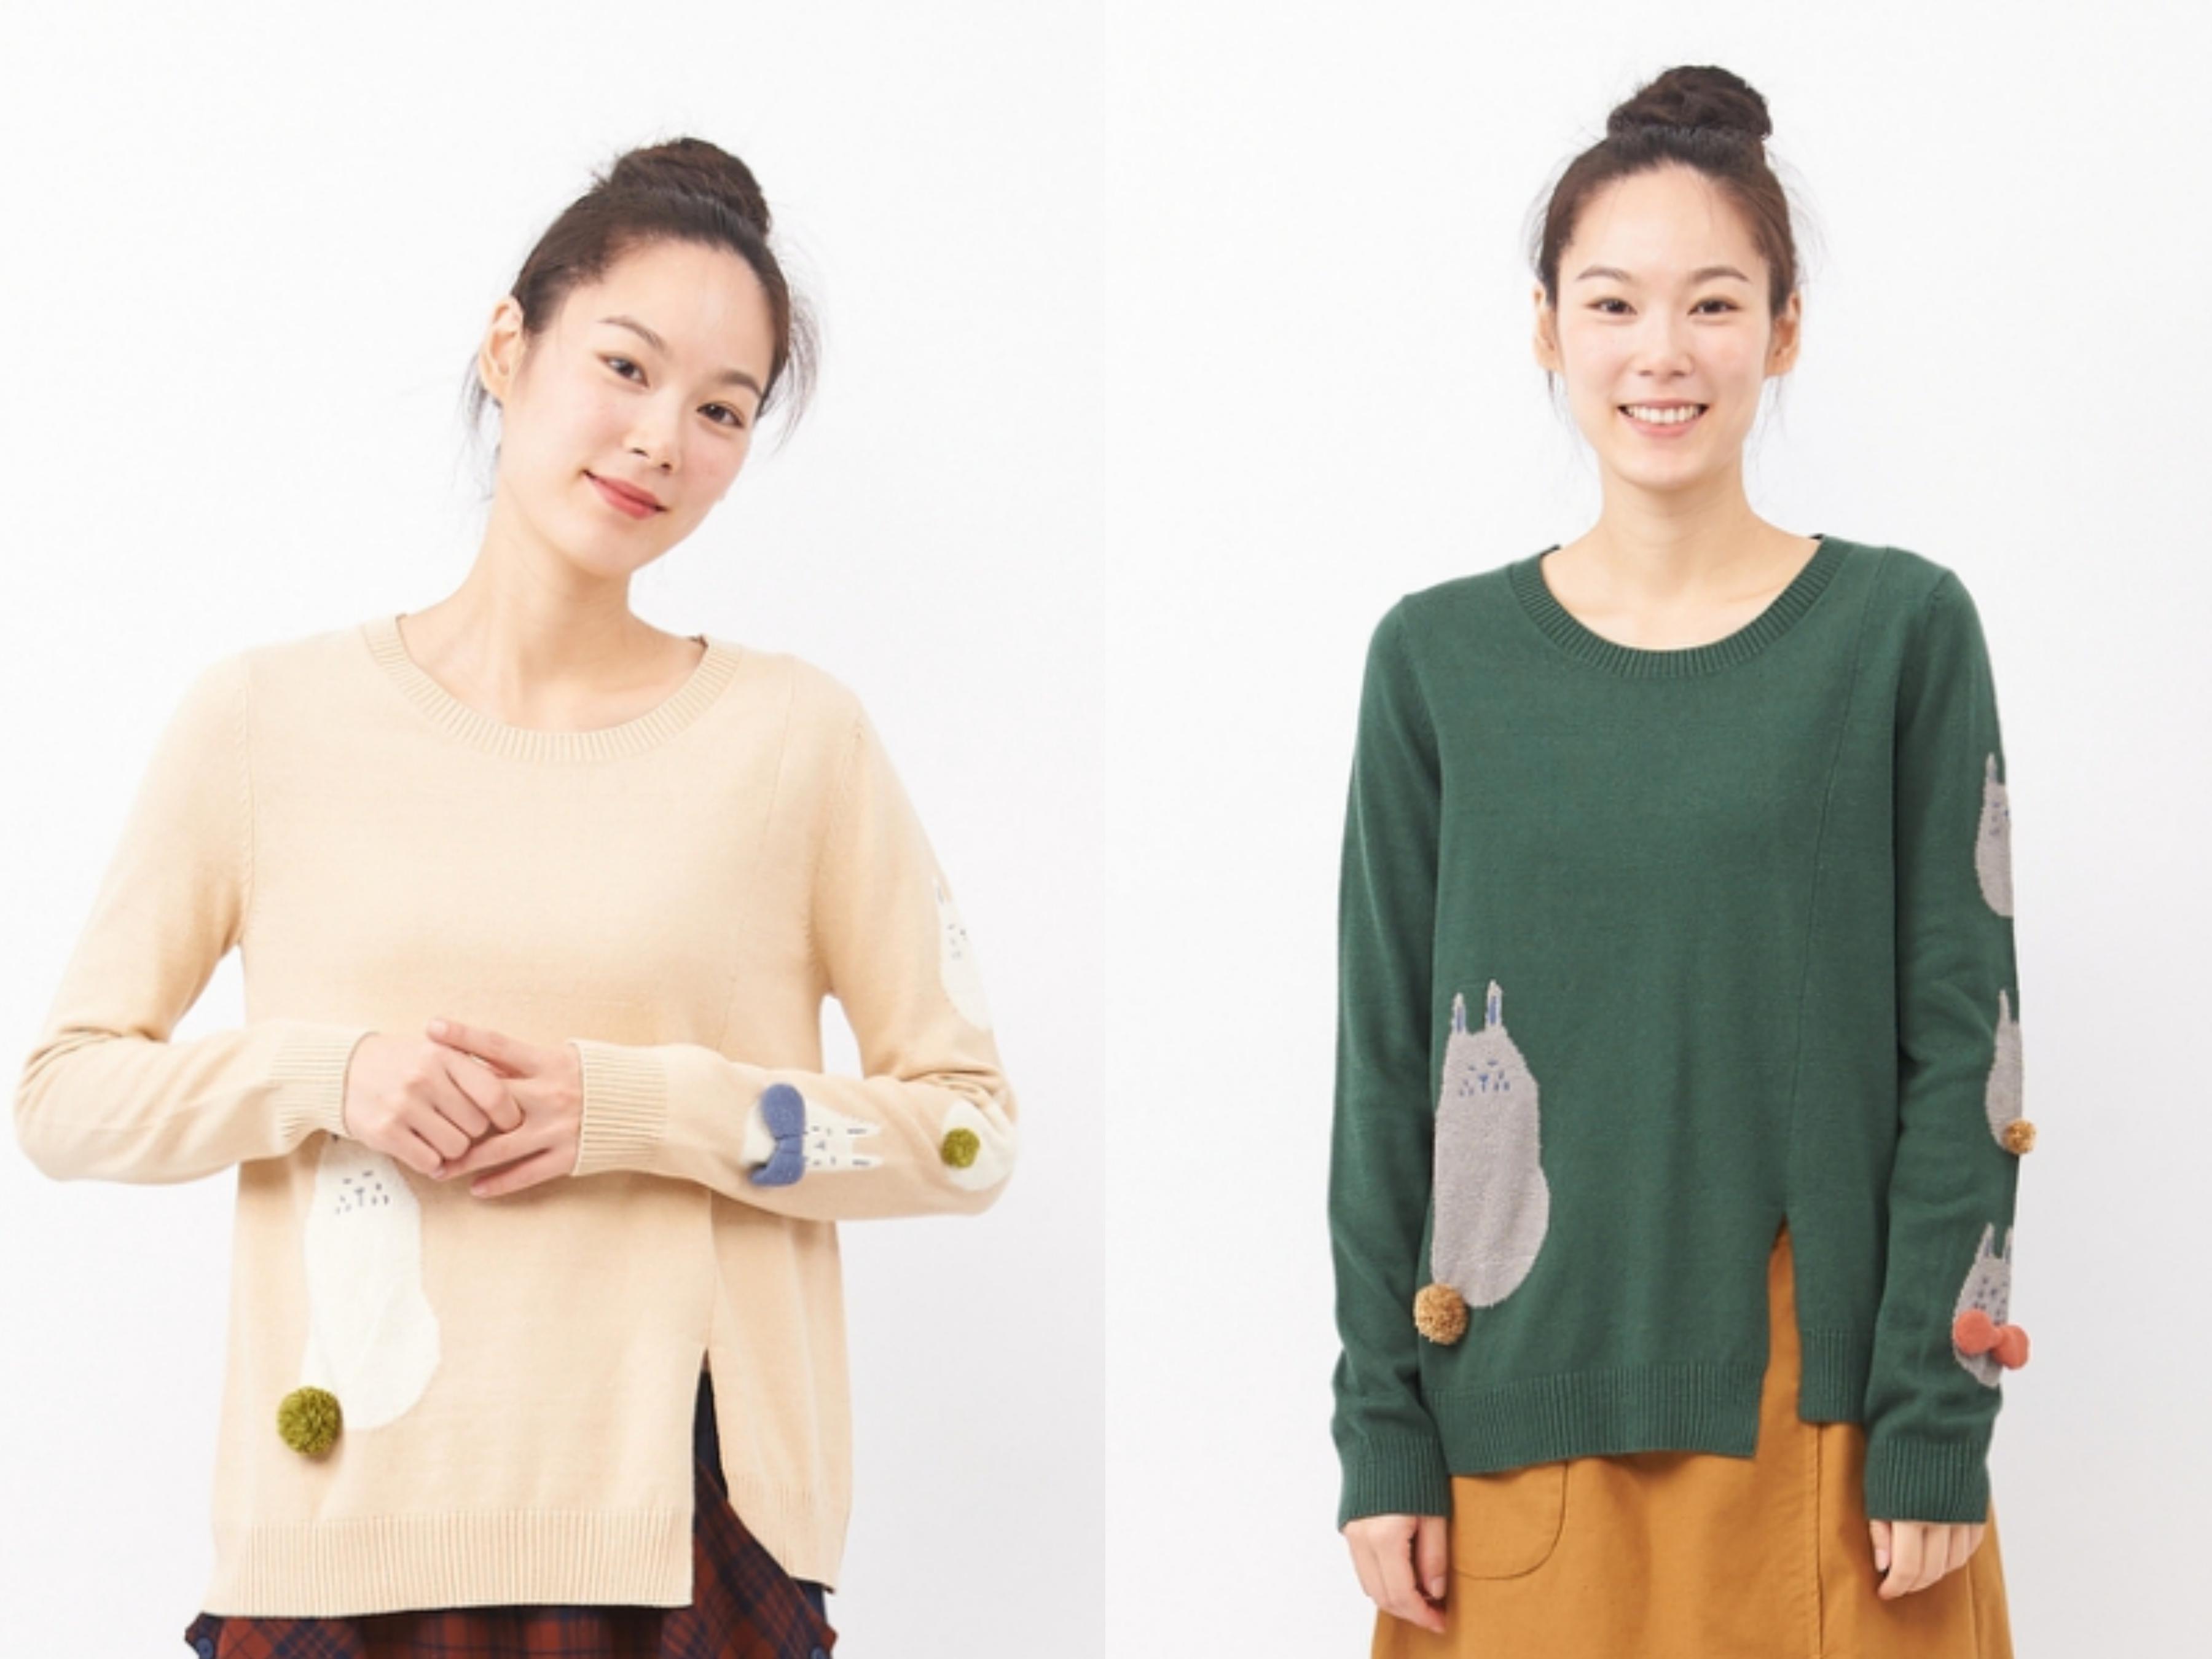 秋冬必備的針織上衣,選擇這種輕薄適中的款式最實穿